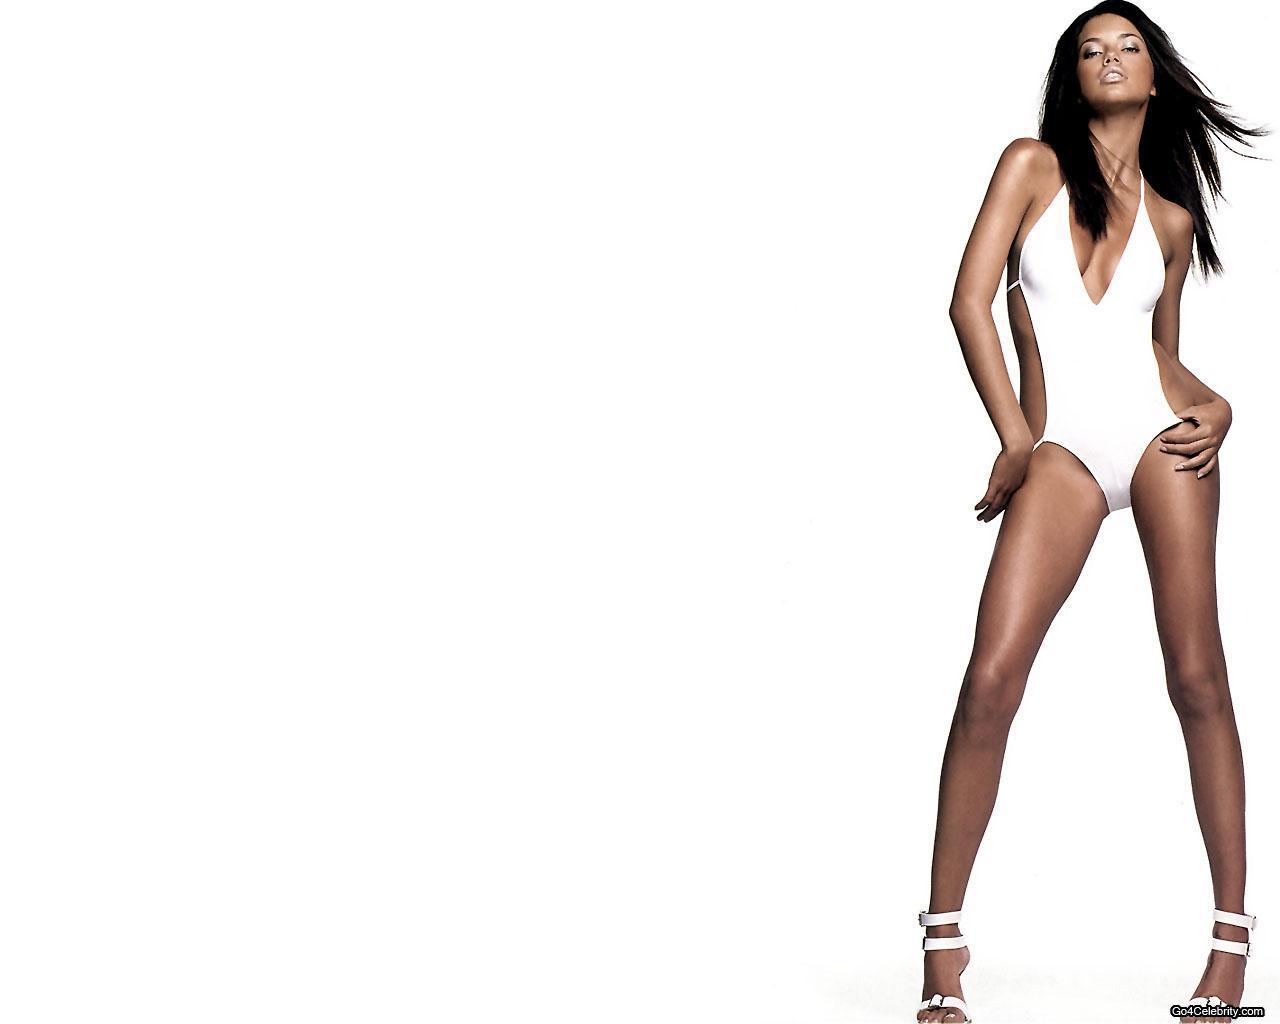 http://2.bp.blogspot.com/_jplSM1tqCLY/TD7FFpzXExI/AAAAAAAAAAM/eH_SIpv5TiQ/s1600/Adriana-Lima-003.jpg